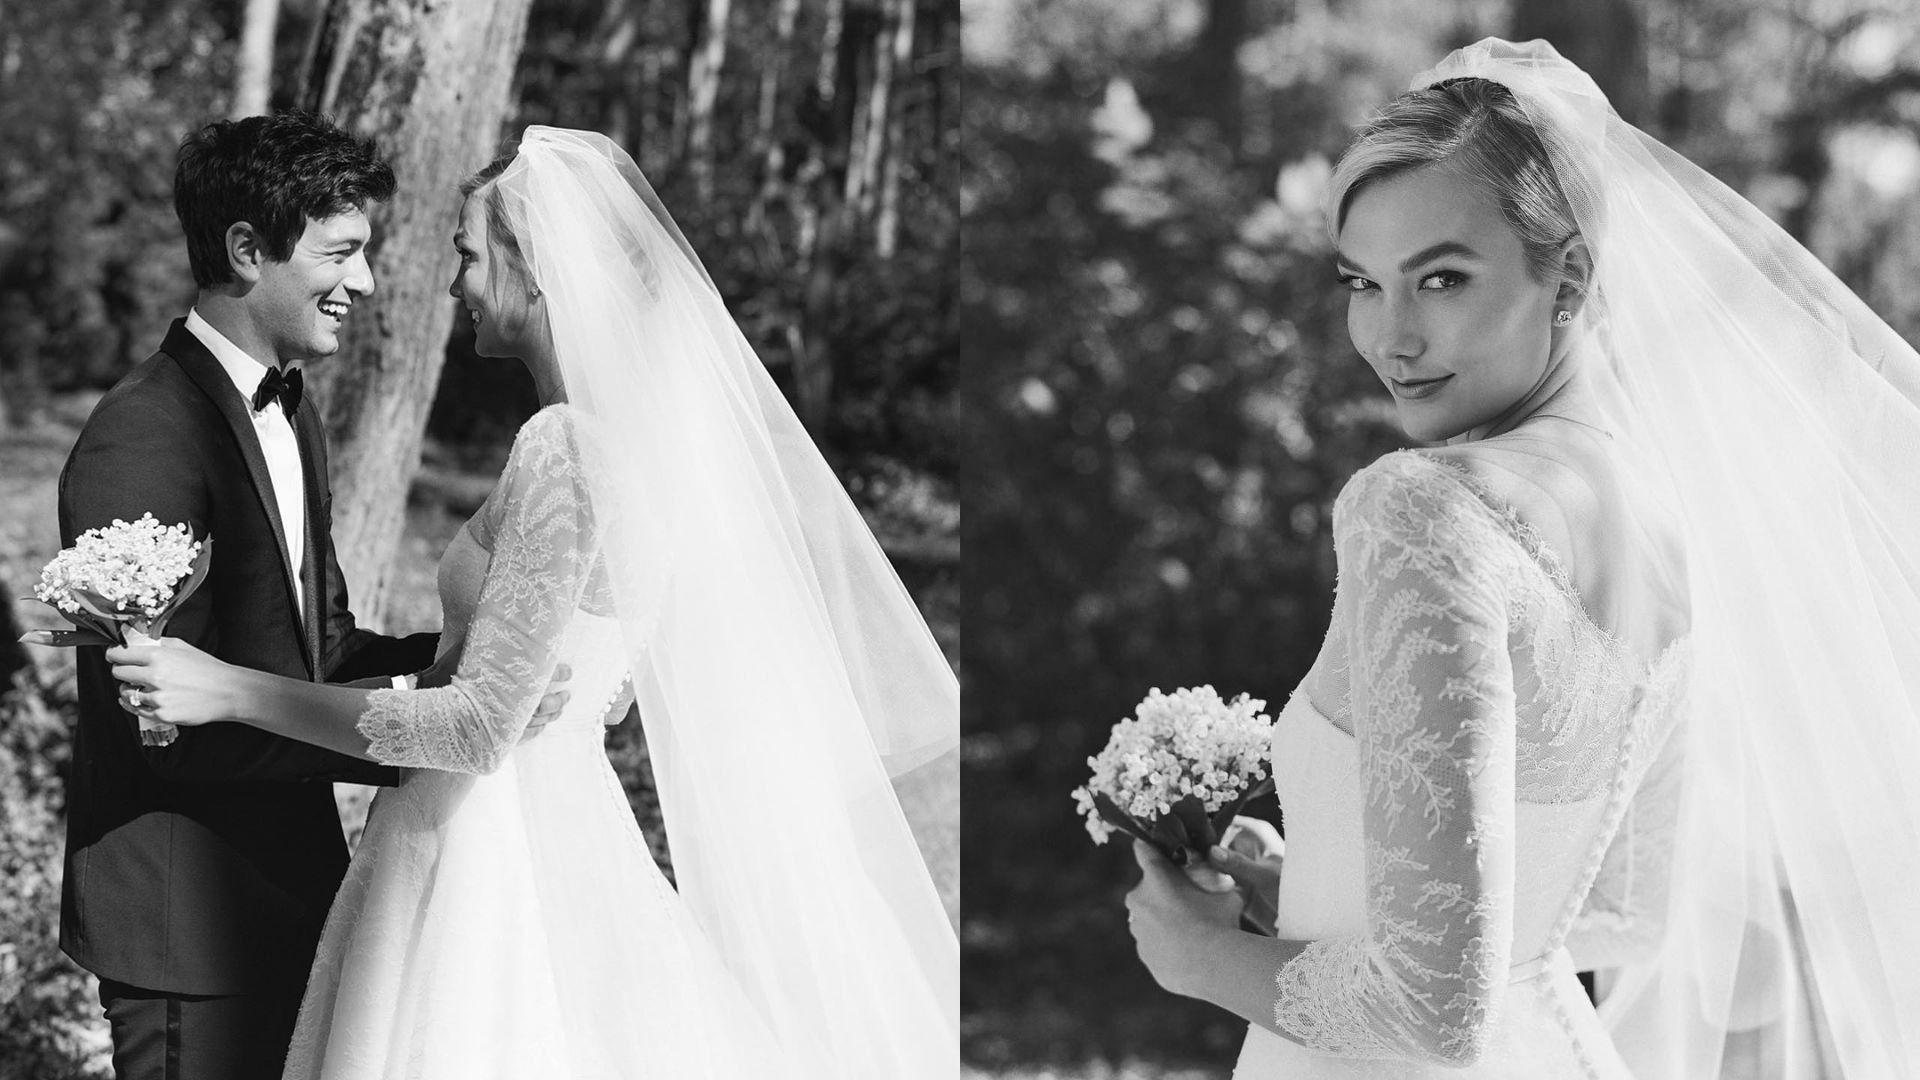 Karlie Kloss Finally Reveals How Her Custom Dior Wedding Dress Was Made